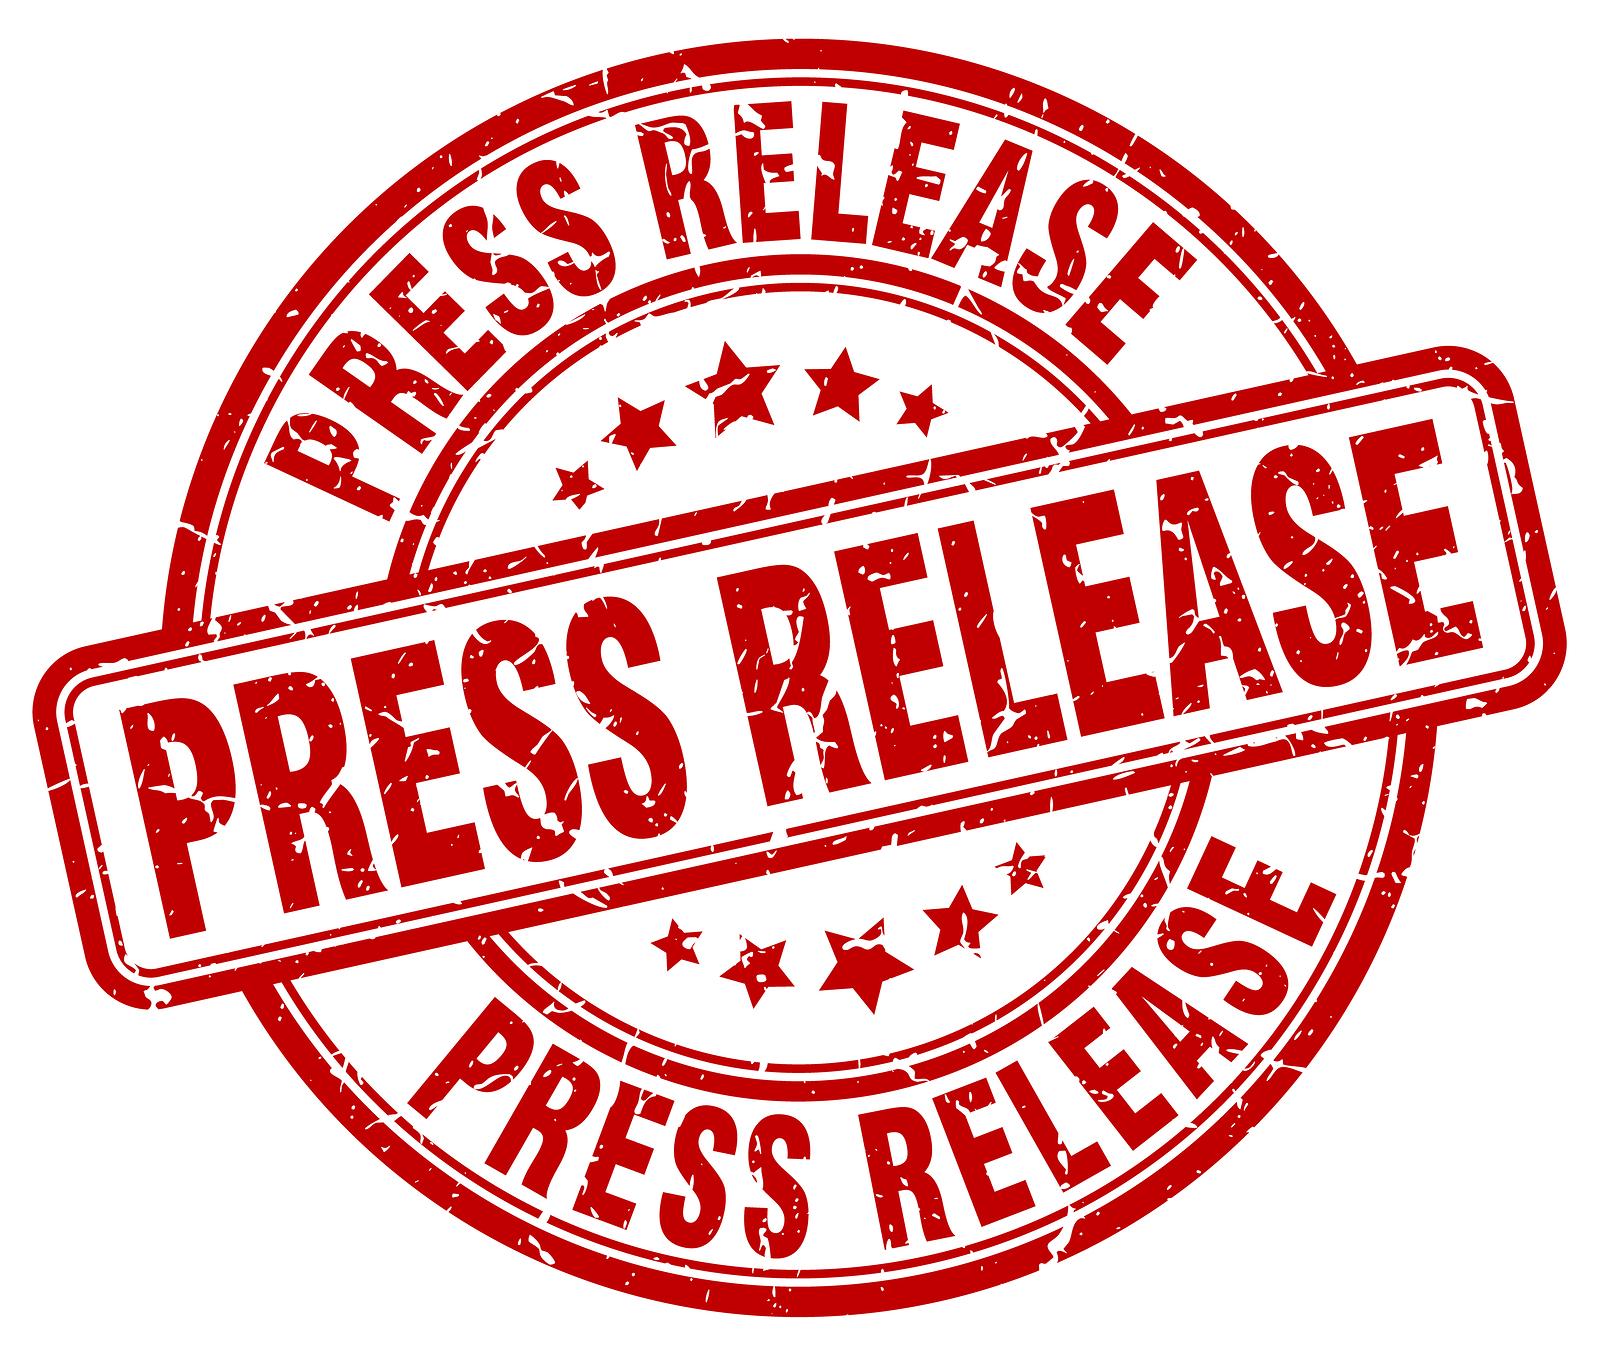 Press Release.jpg